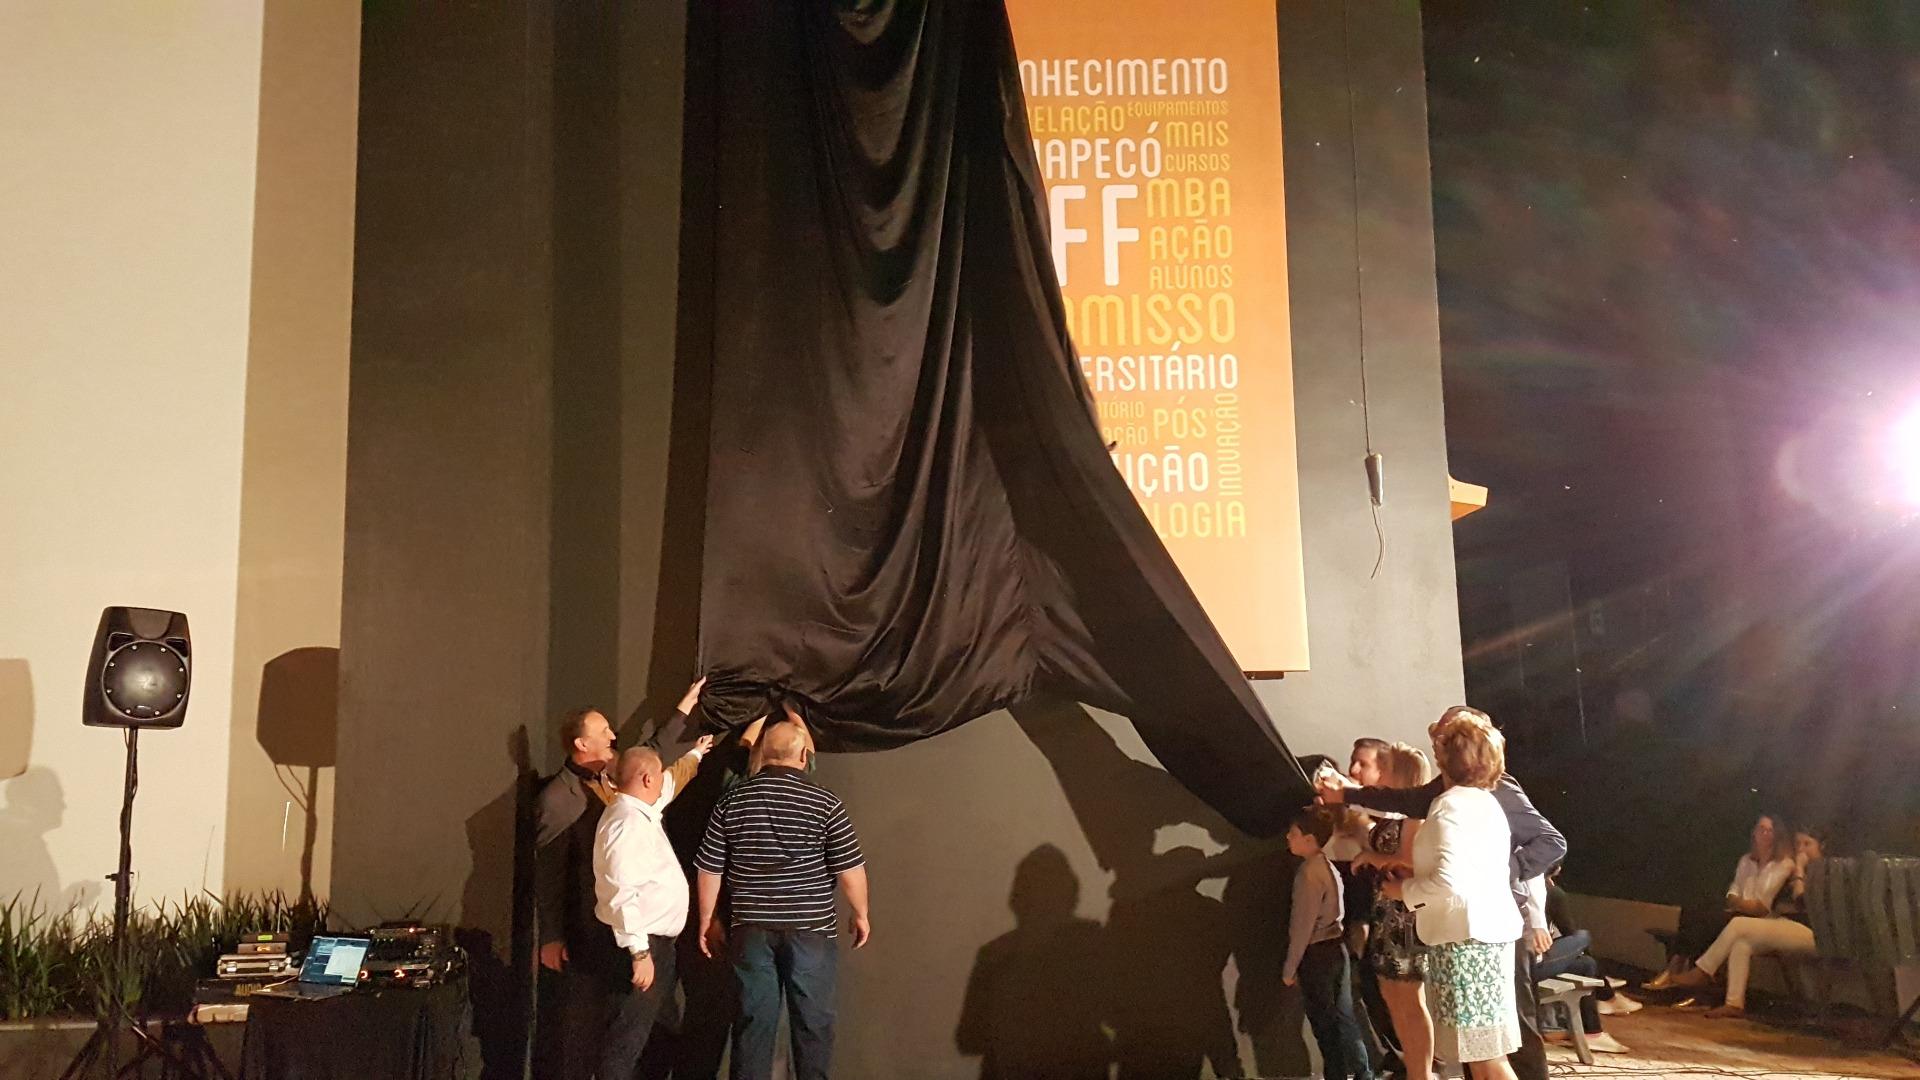 Uceff de Itapiranga oficializa a mudança para Centro Universitário